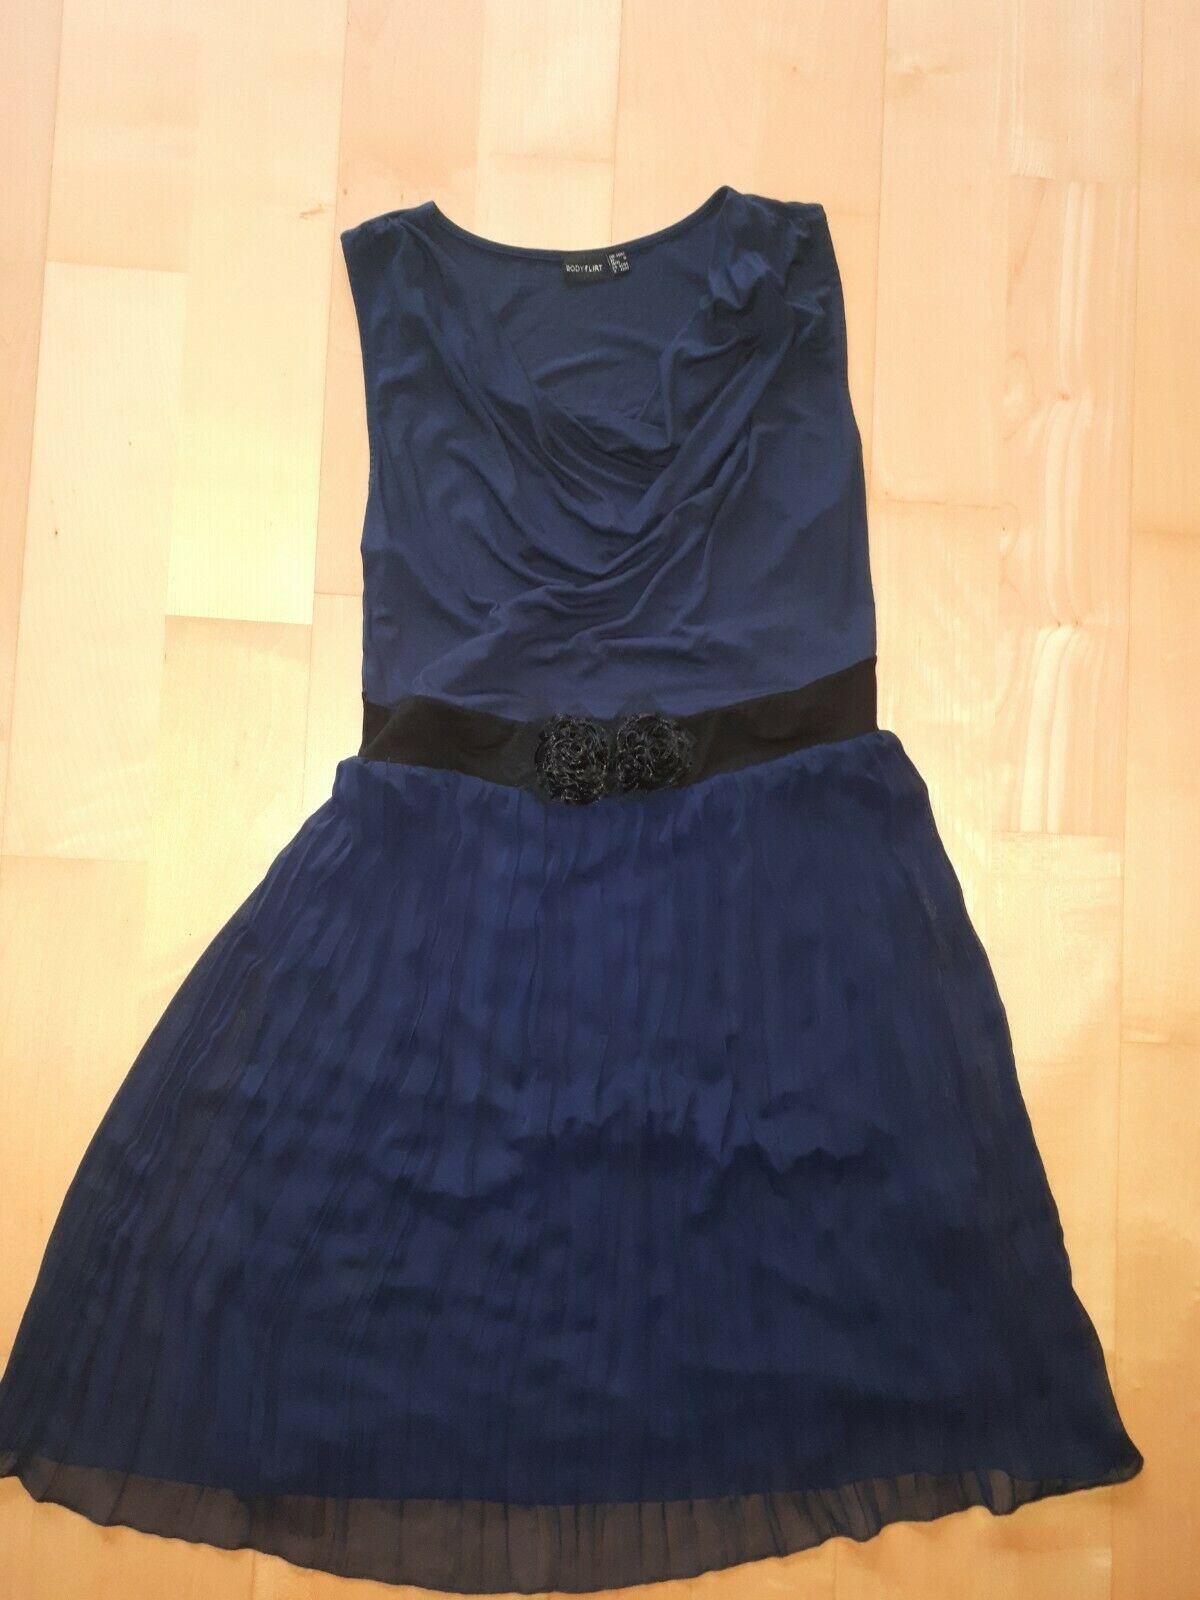 kleid gr m.festlich blau mit schwarz - festliche kleider